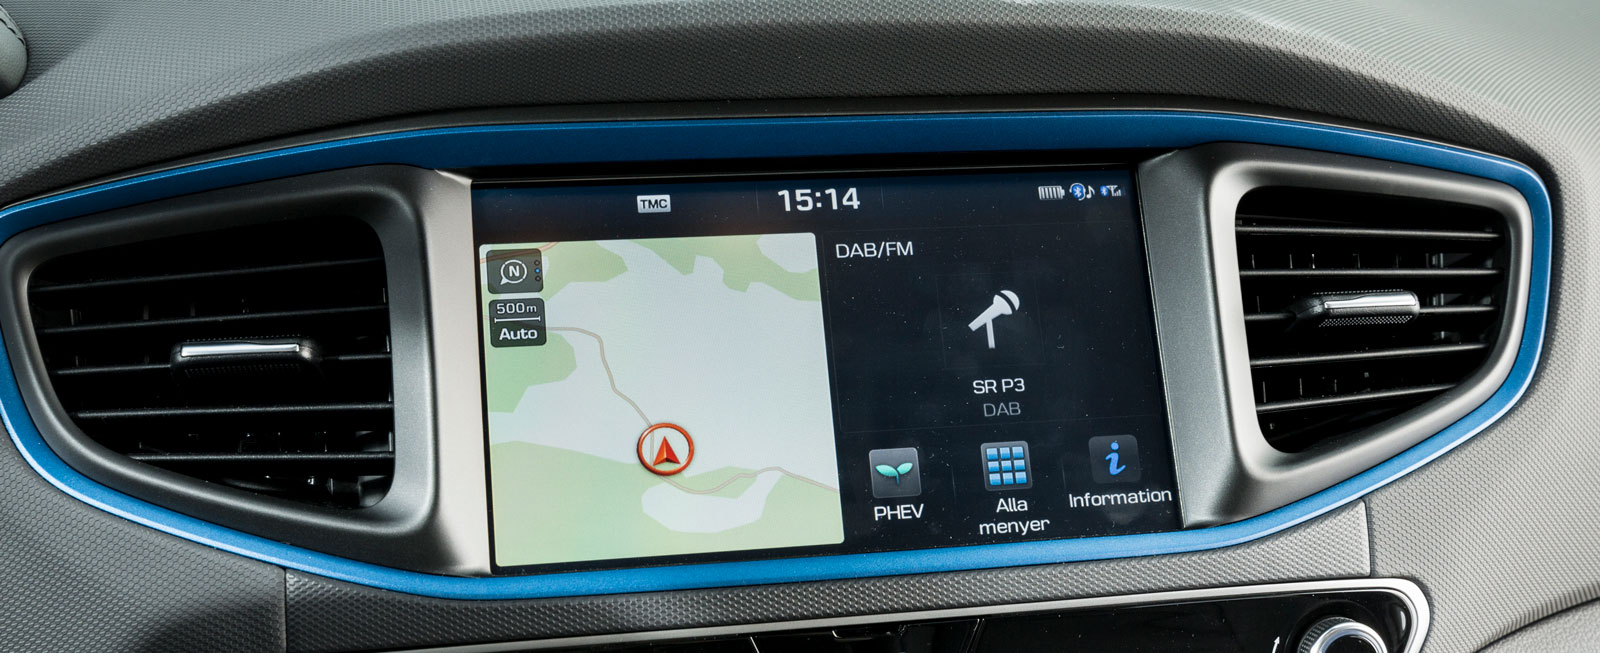 Systemet känns igen från andra Hyundai/Kia. Ioniq är ensam i testet om ett vanligt vred till kartzoom och att bläddra i listor, men peka går också bra.